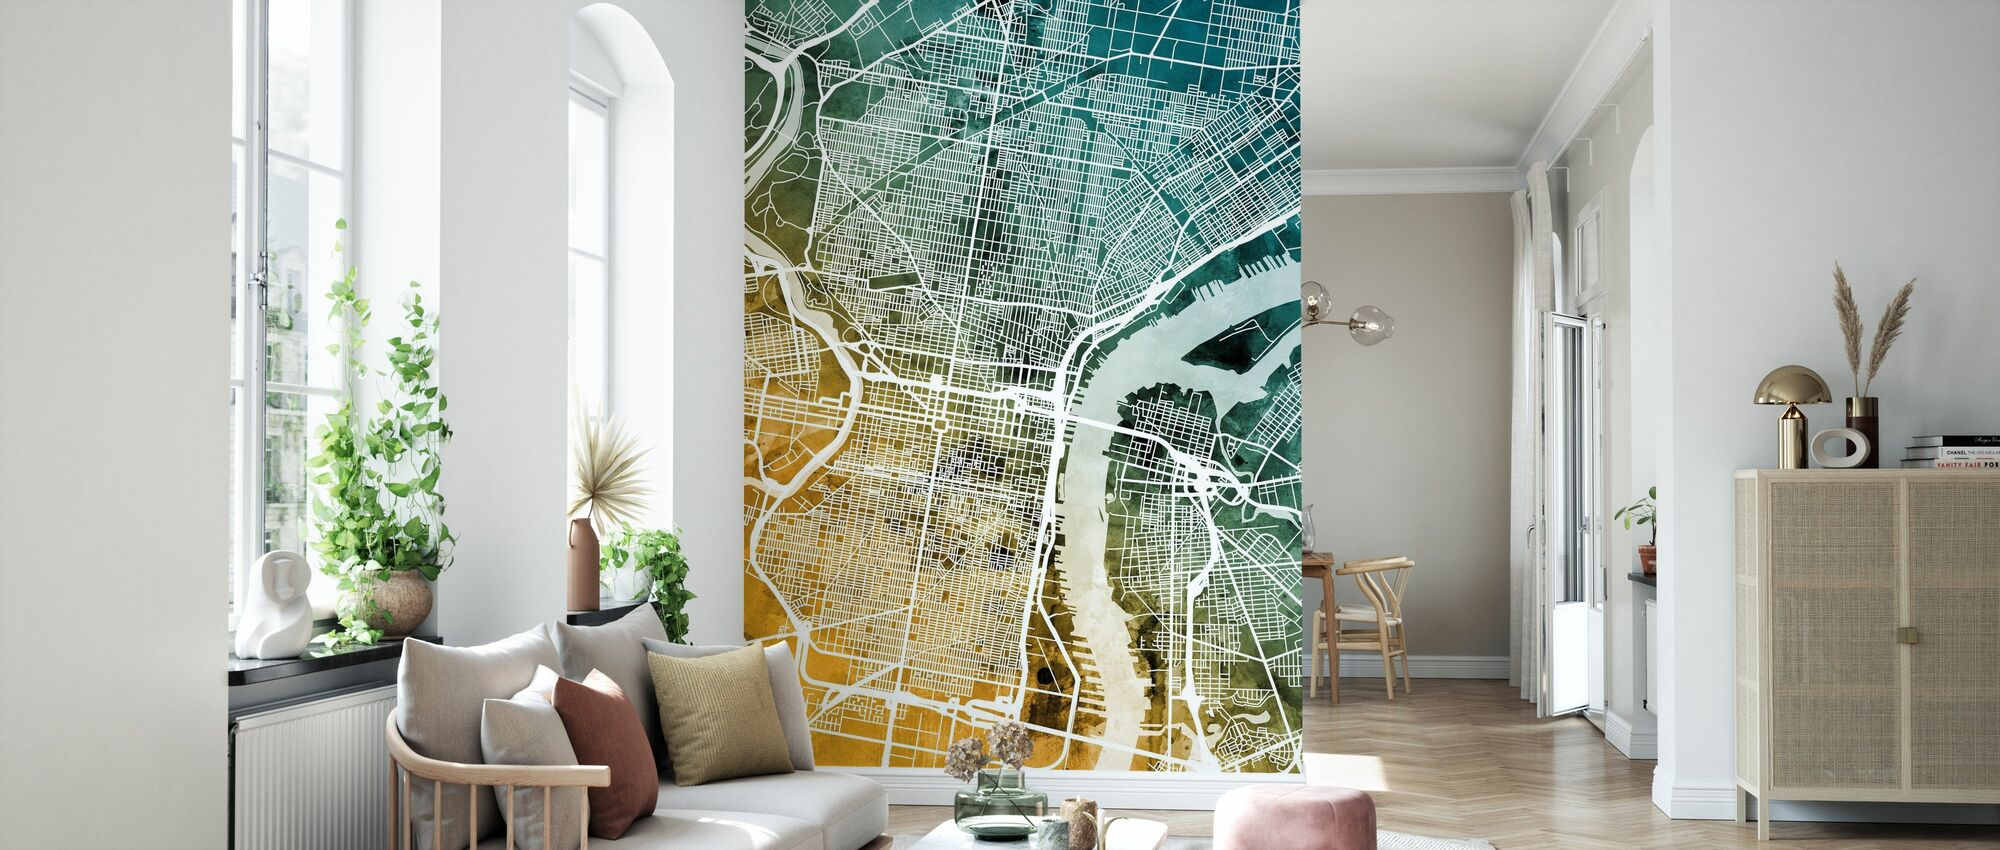 Philadelphia Pennsylvania Street Map - Wallpaper - Living Room